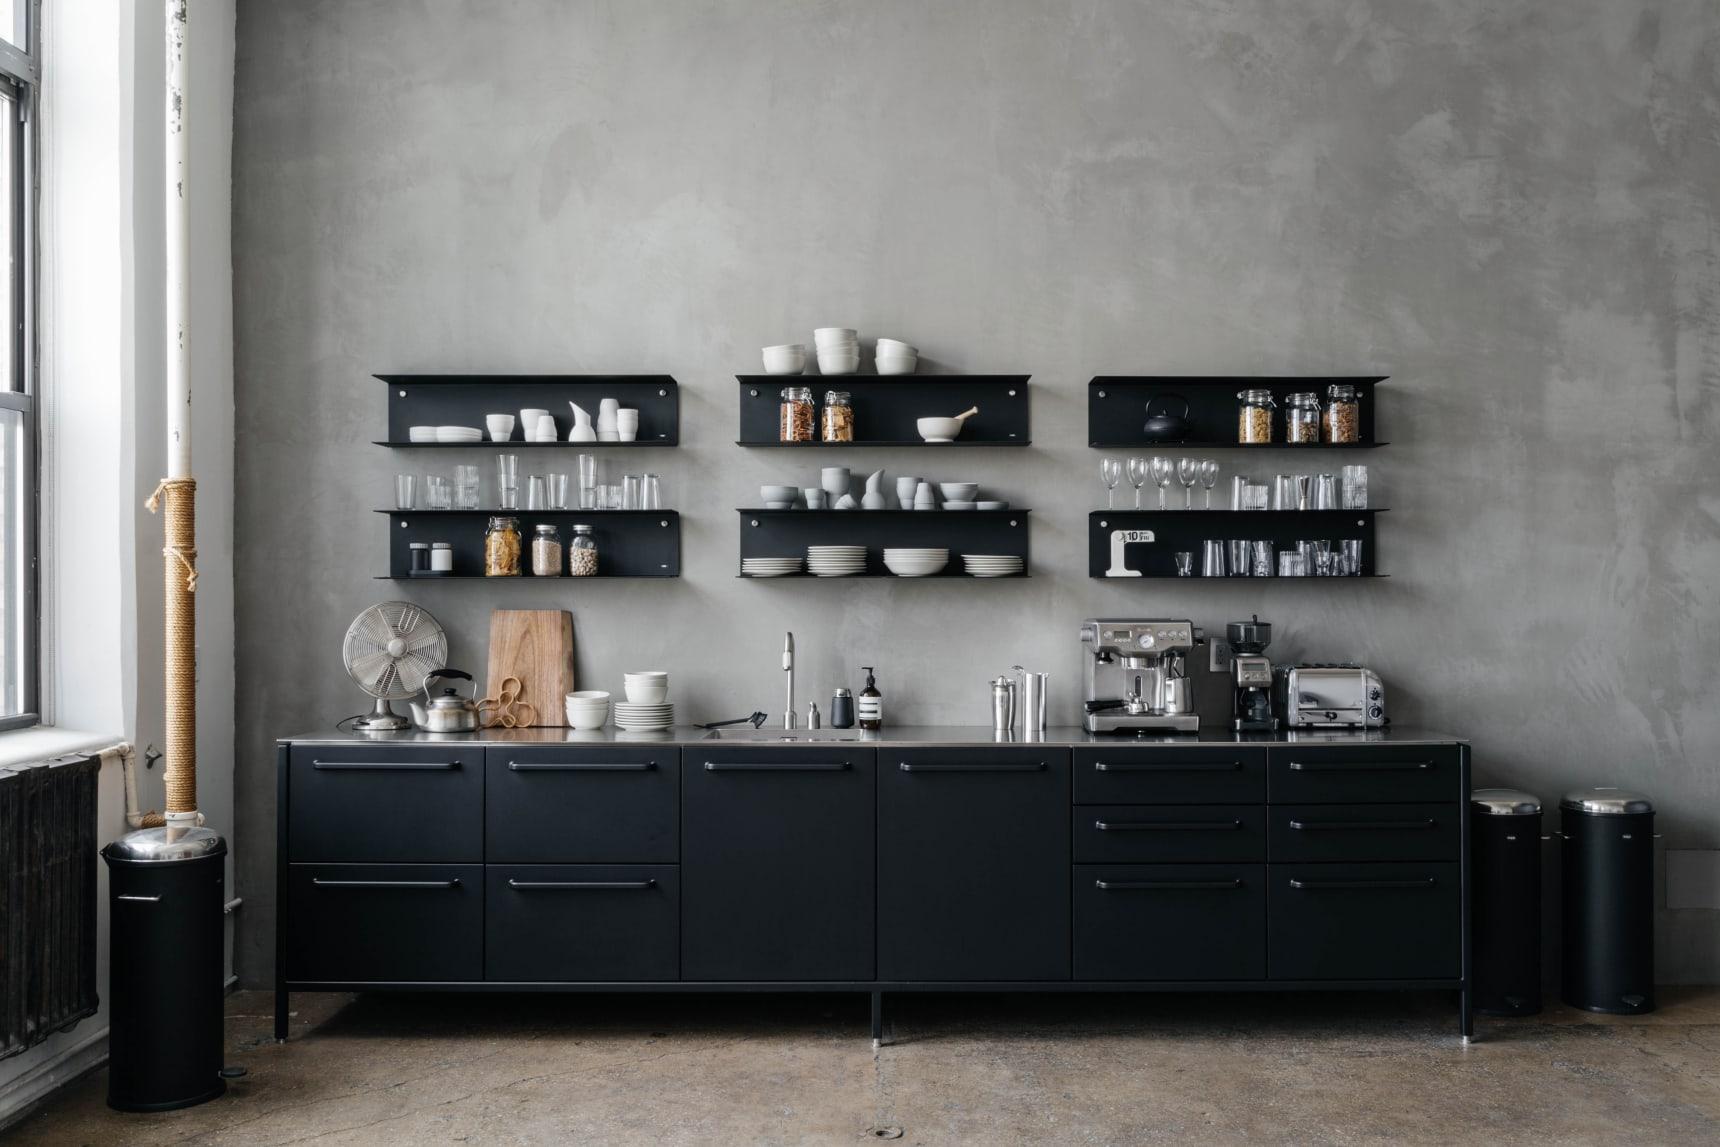 Küchen-Design Inspirationen: So könnte Deine nächste Küche aussehen 10